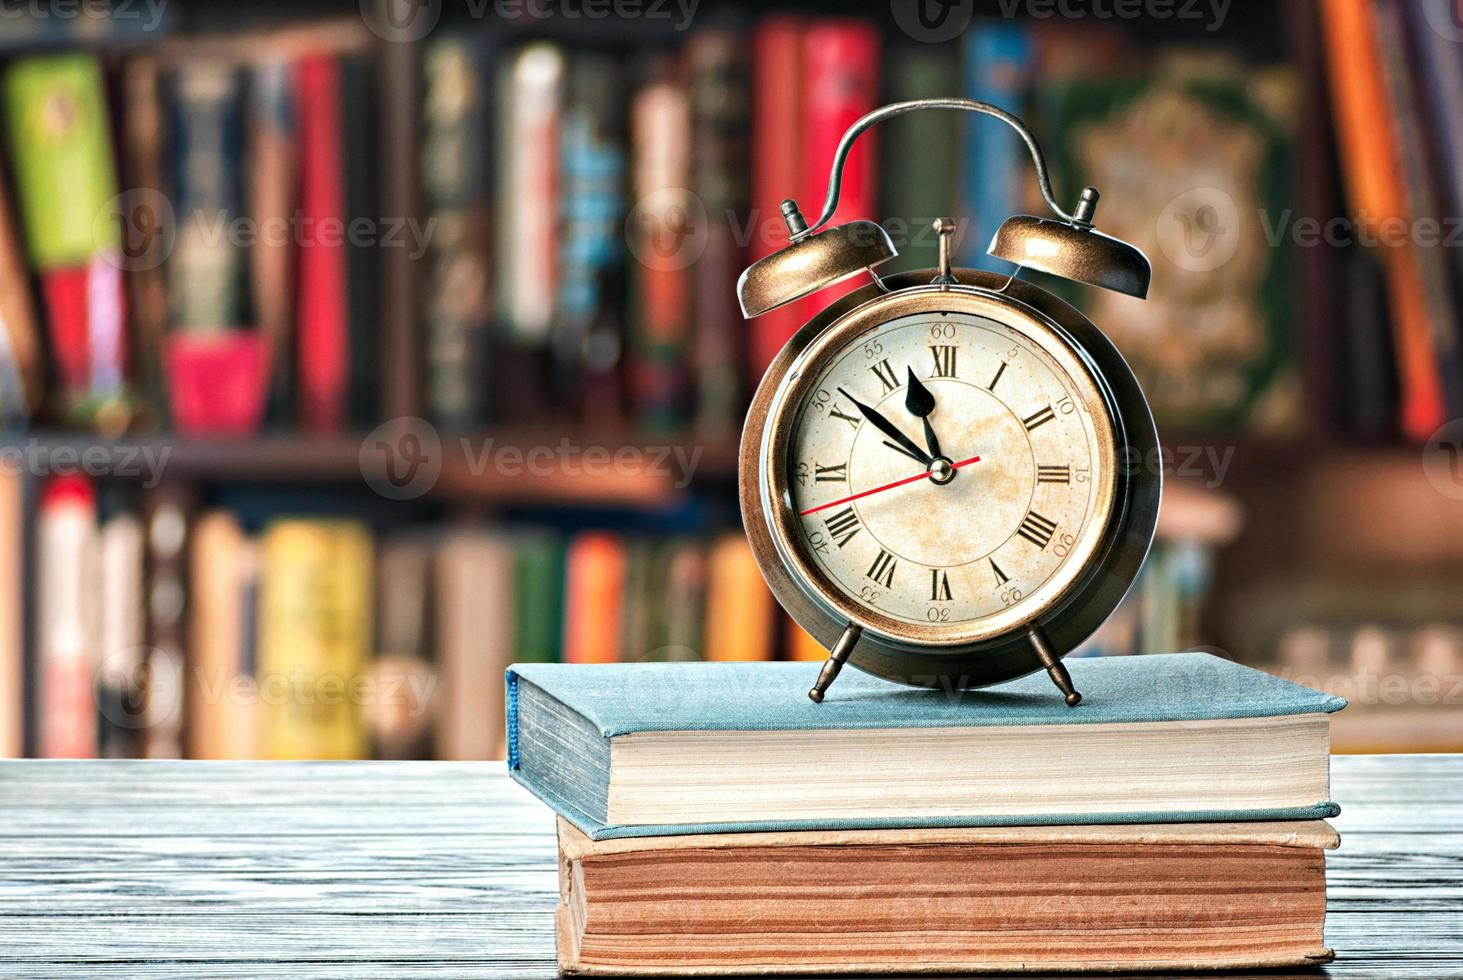 livros e despertador foto